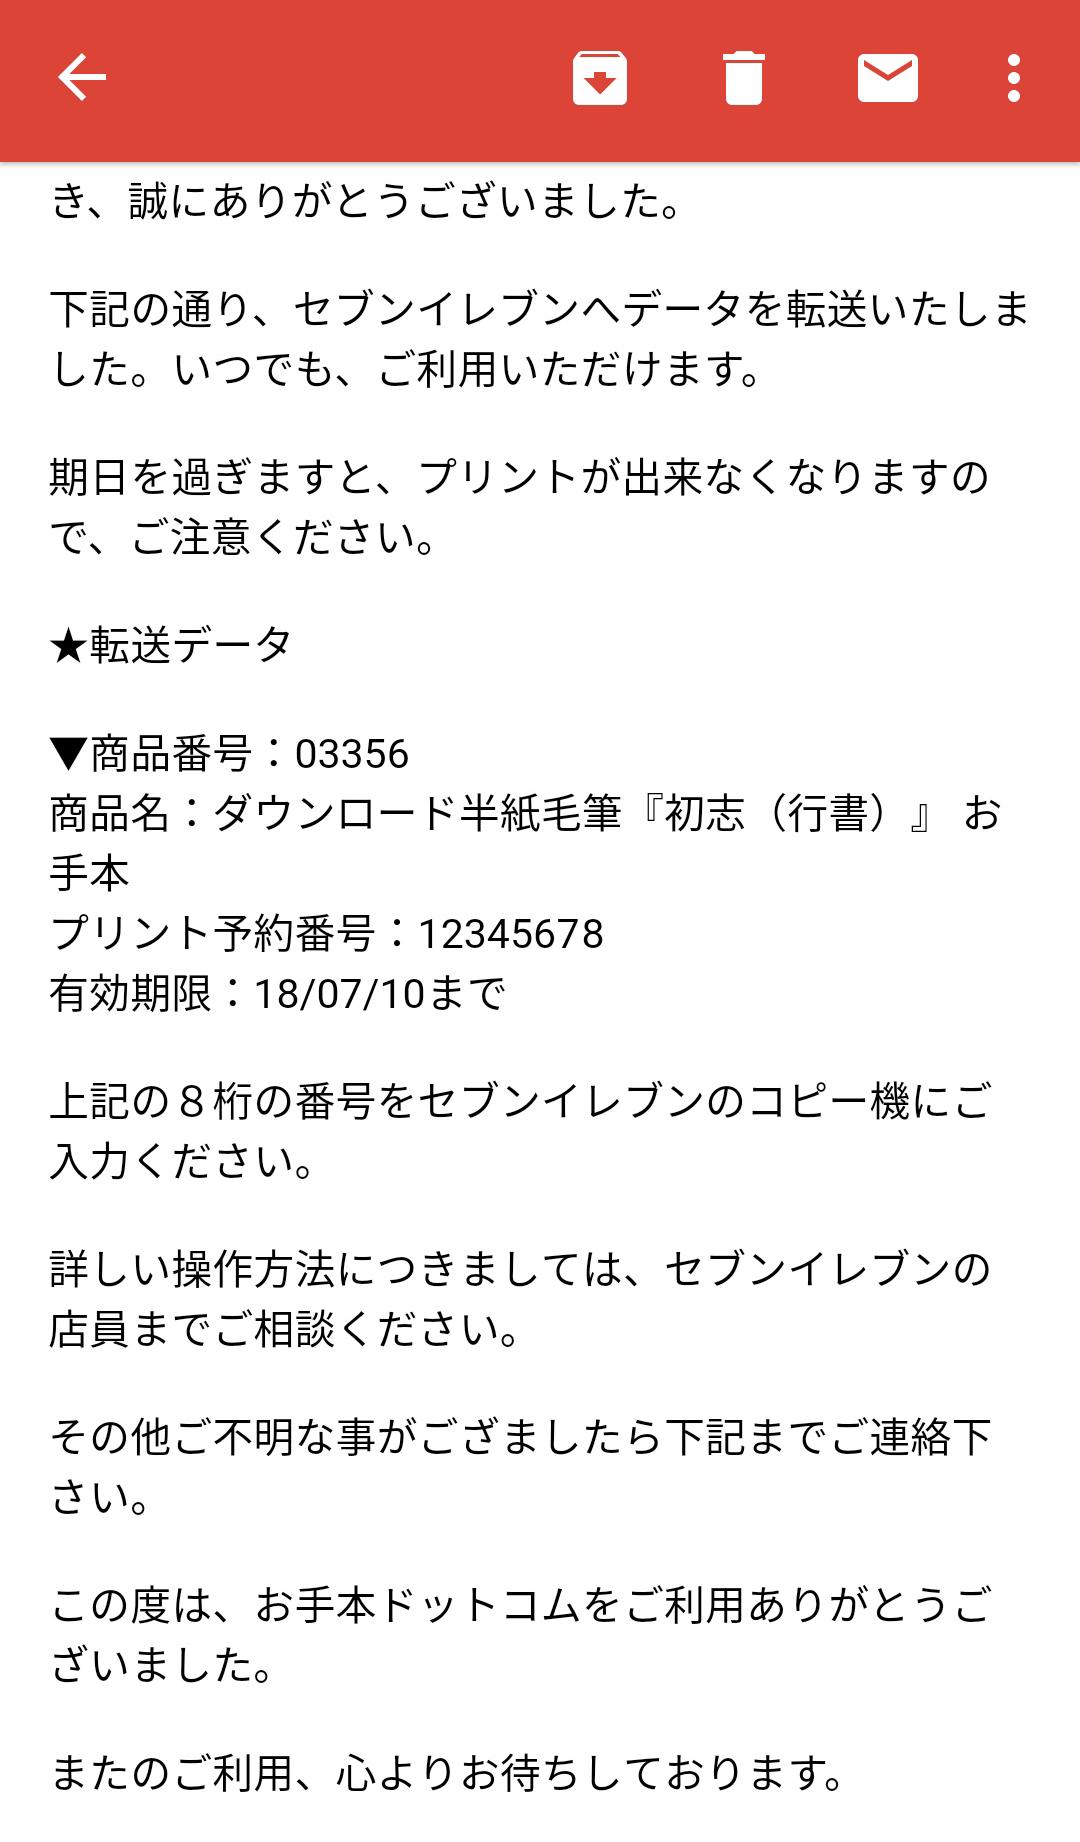 dl_mail